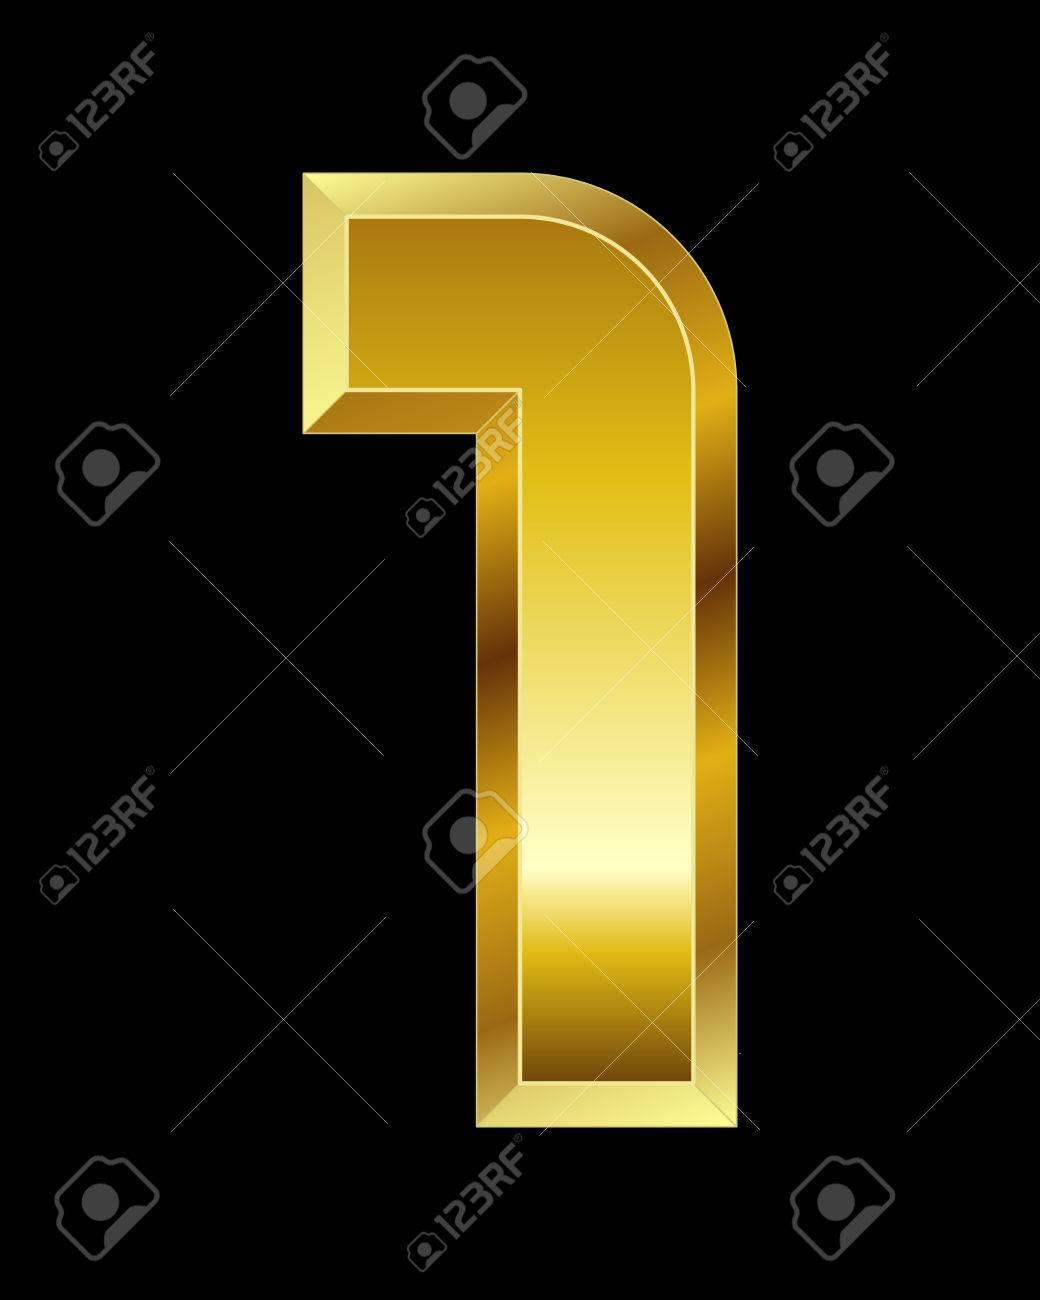 rectangular beveled golden font - number 1 - 33560017